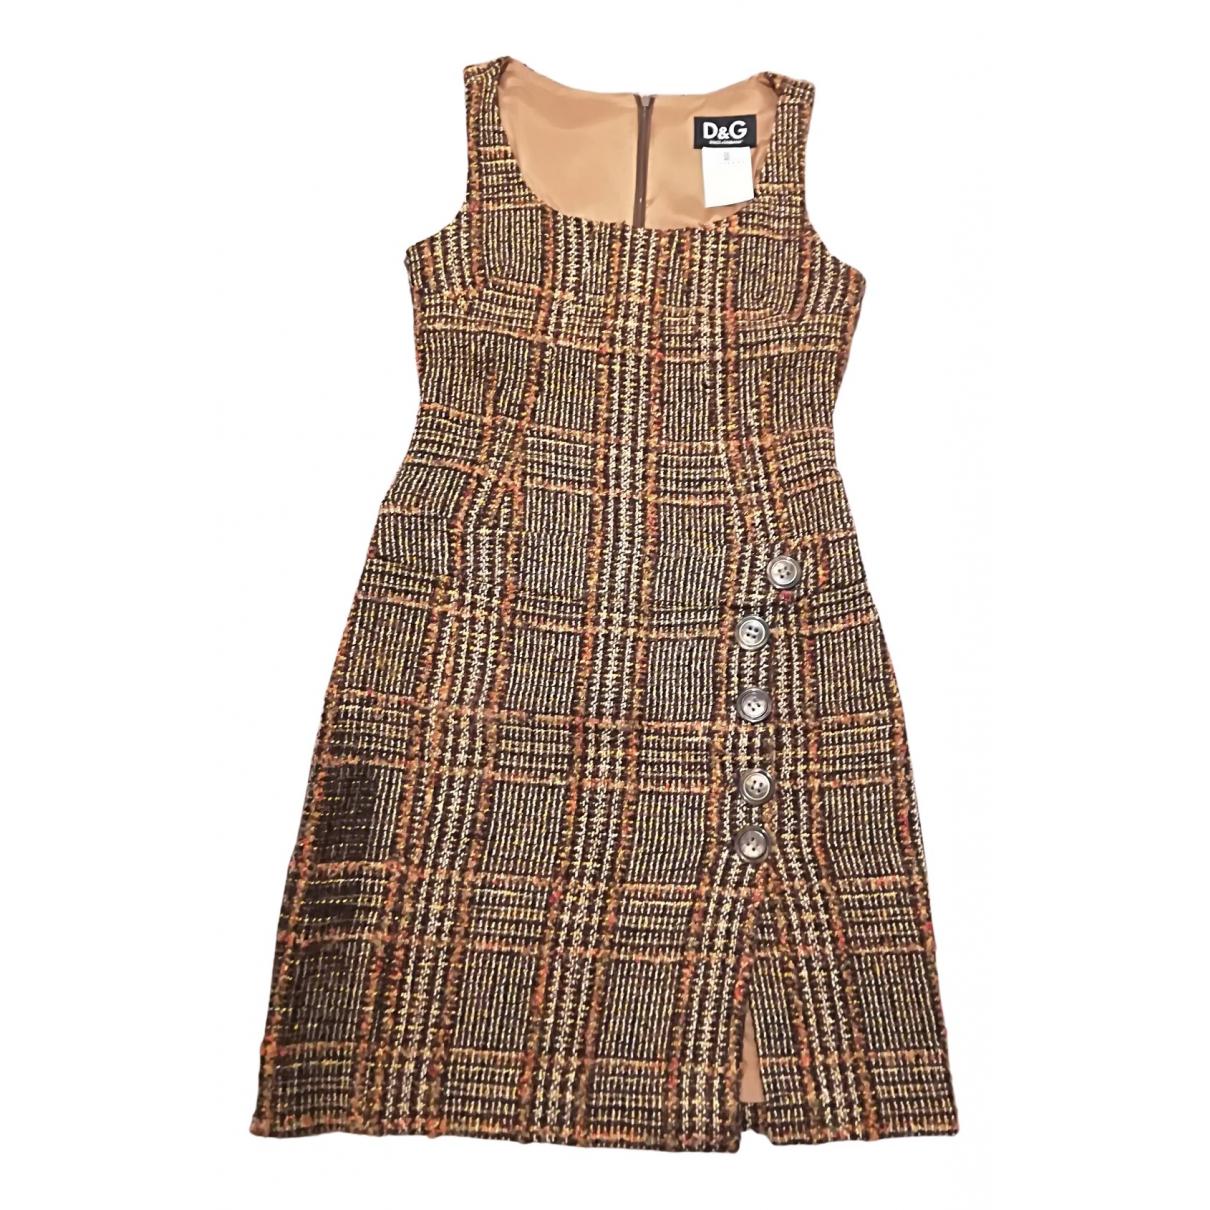 D&g N Multicolour Wool dress for Women 40 IT